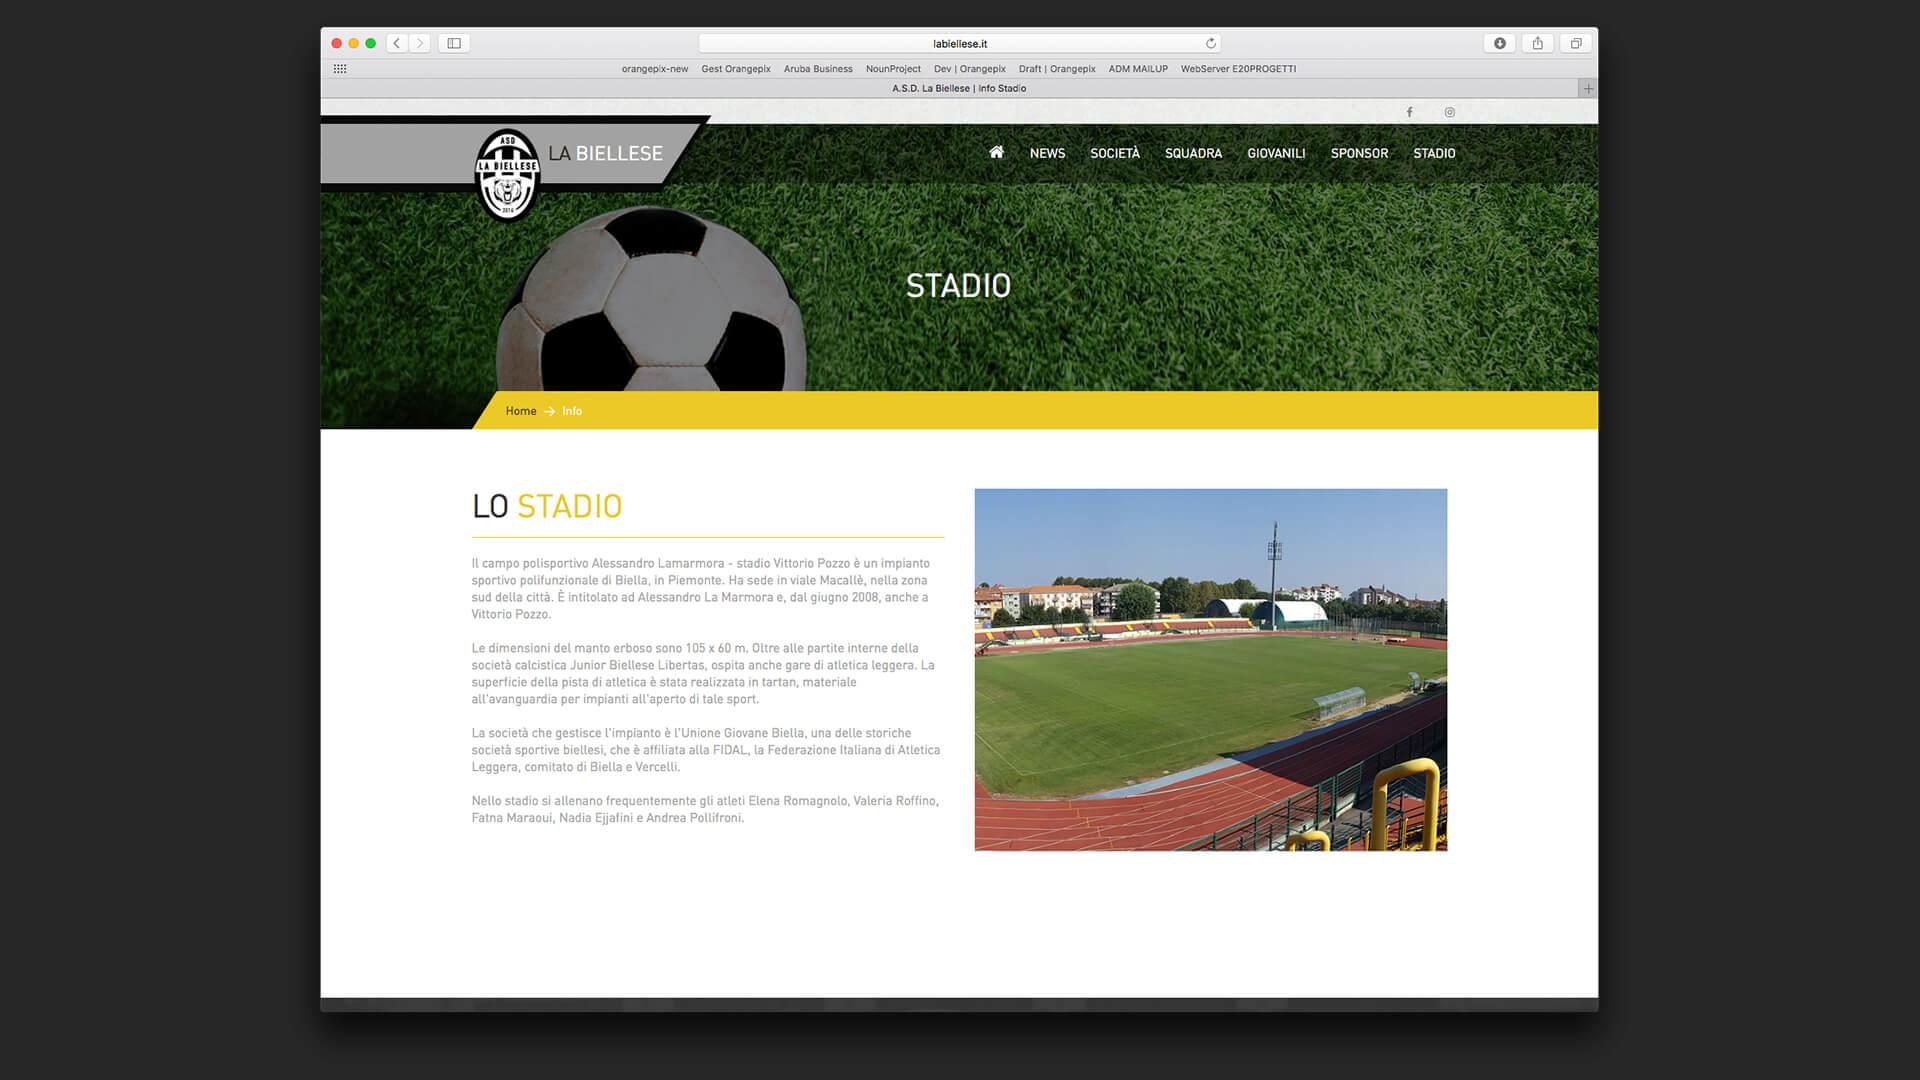 Descrizione del campo di calcio